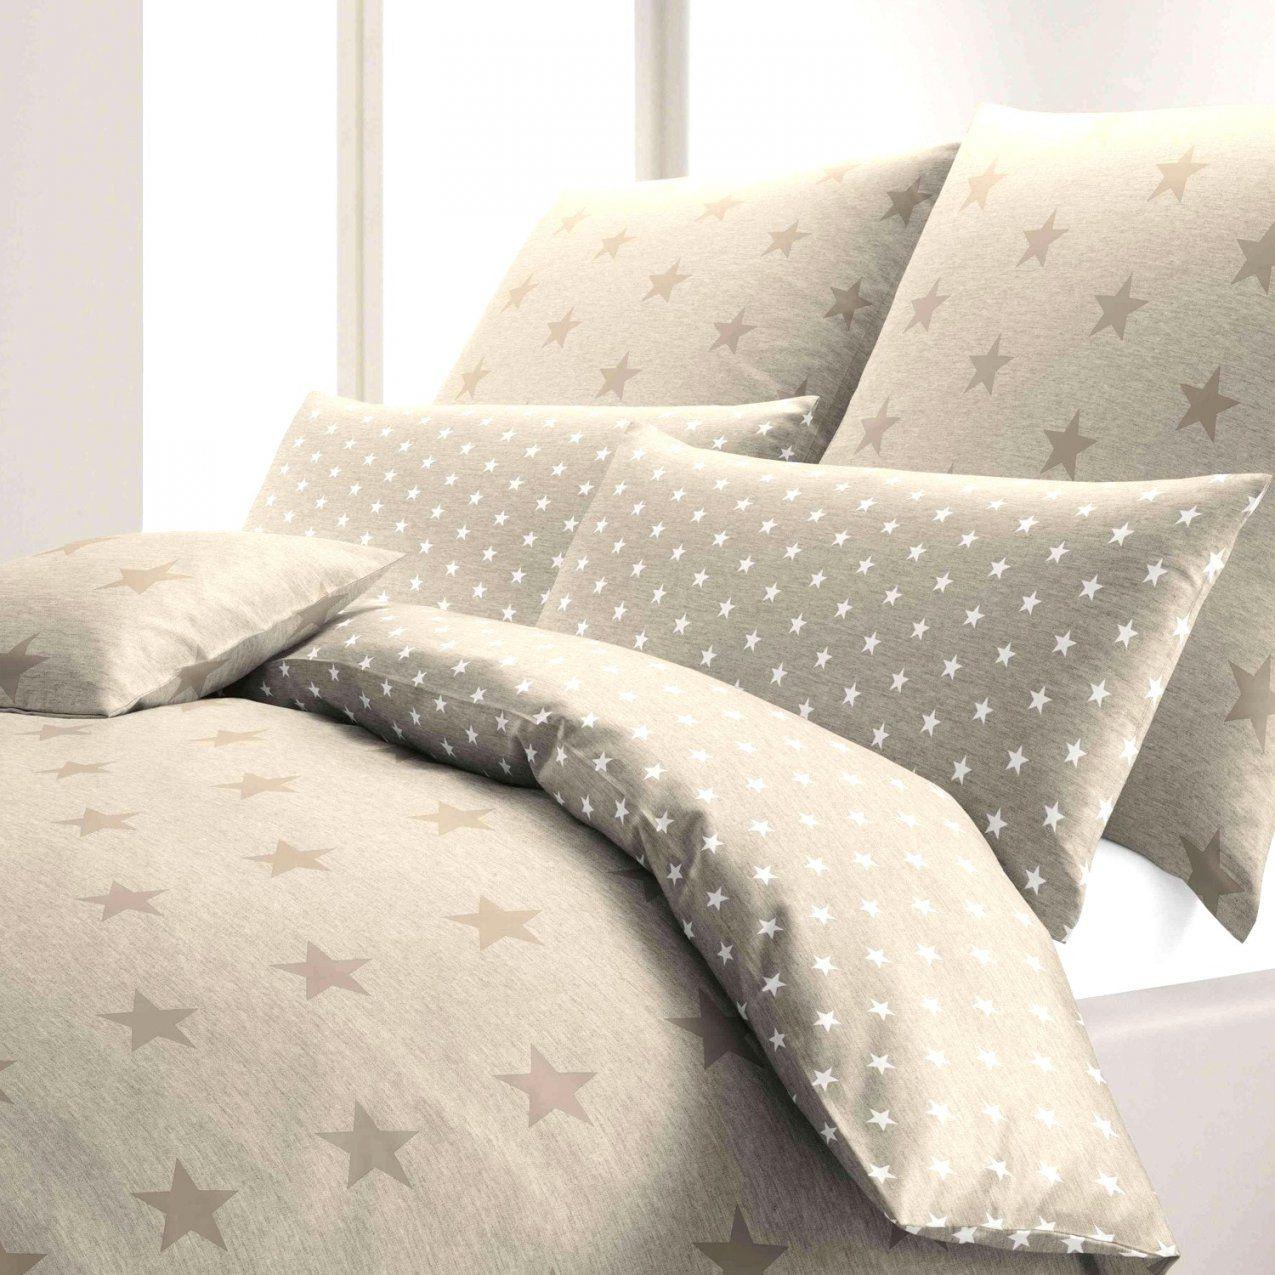 Phantasievolle Ideen Elegante Bettwäsche Werksverkauf Und Gute von Elegante Bettwäsche Werksverkauf Bild